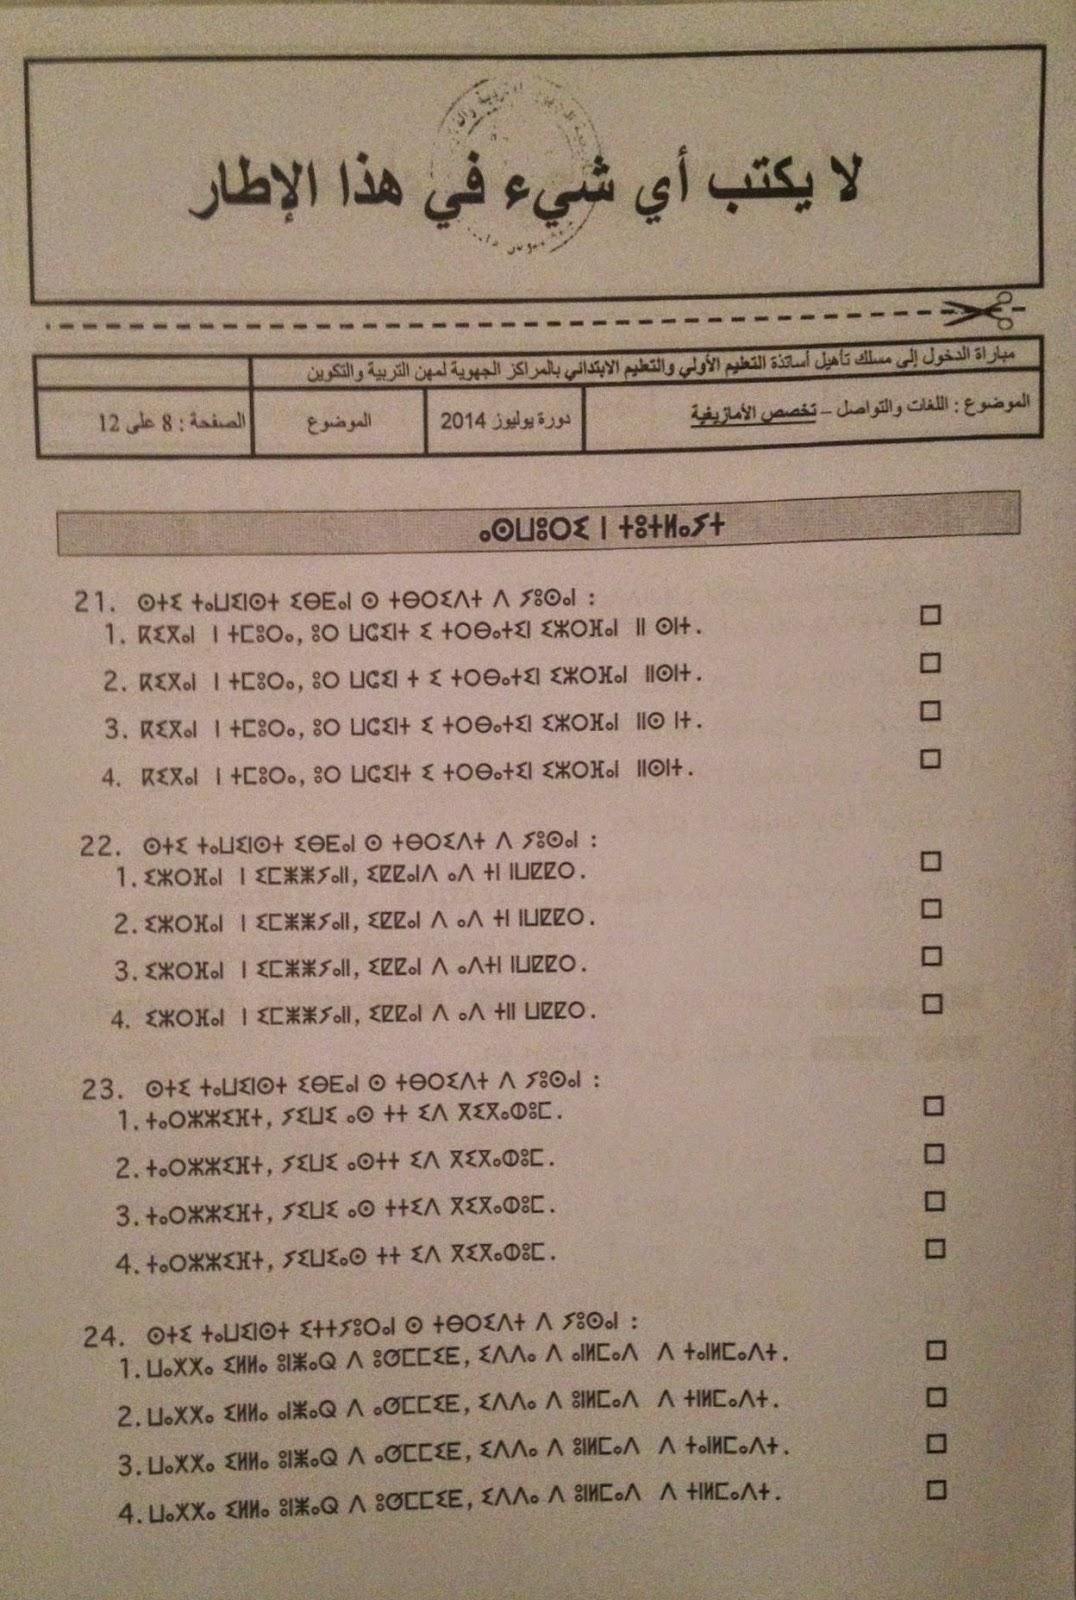 الاختبار الكتابي لولوج المراكز الجهوية للسلك الابتدائي دورة يوليوز 2014- الامازيغية  Nouveau%2Bdocument%2B5_8